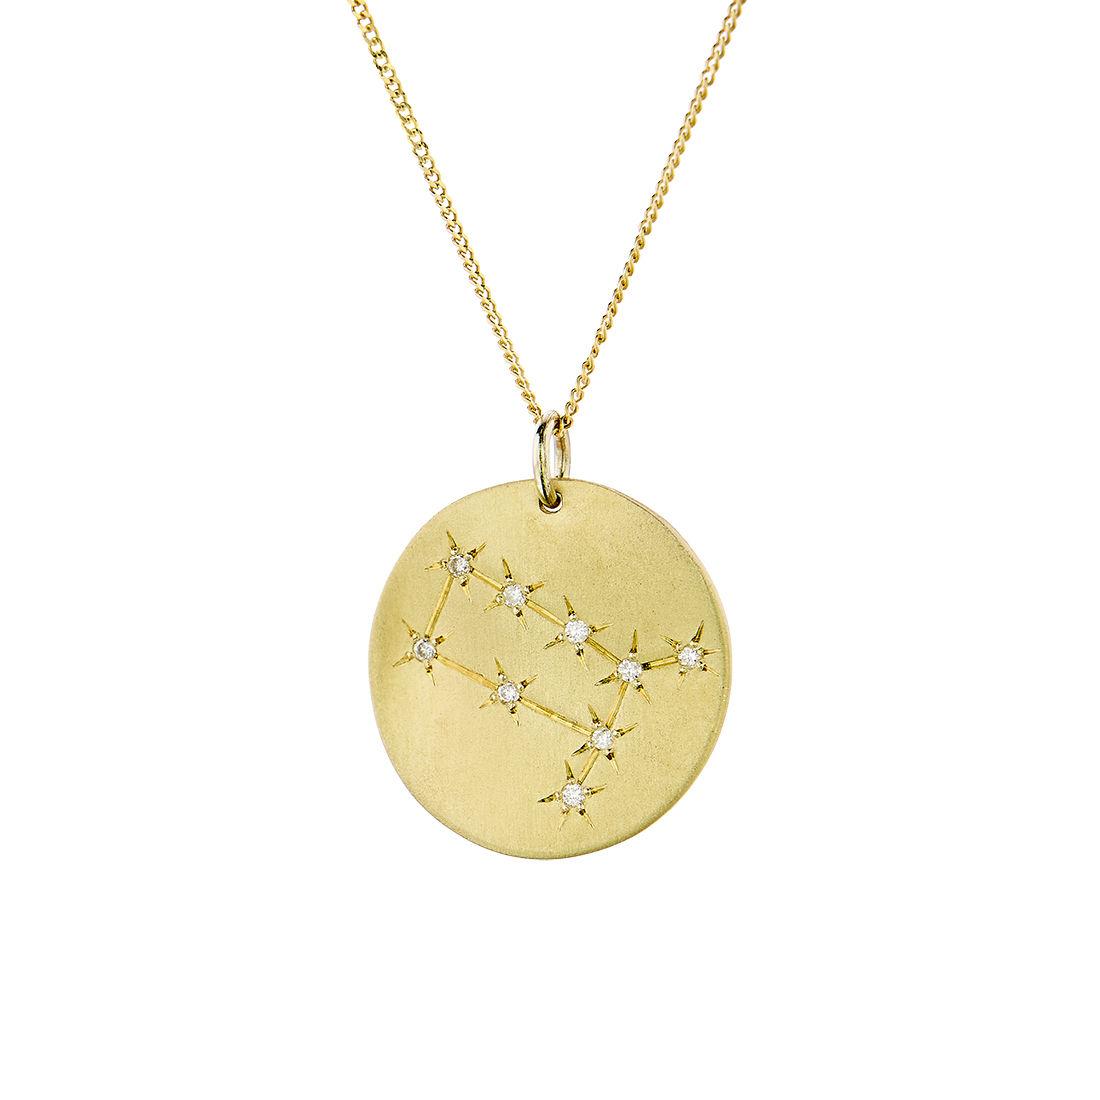 Μενταγιόν Constellation Δίδυμος από χρυσό 9Κ με διαμάντια μπριγιάν